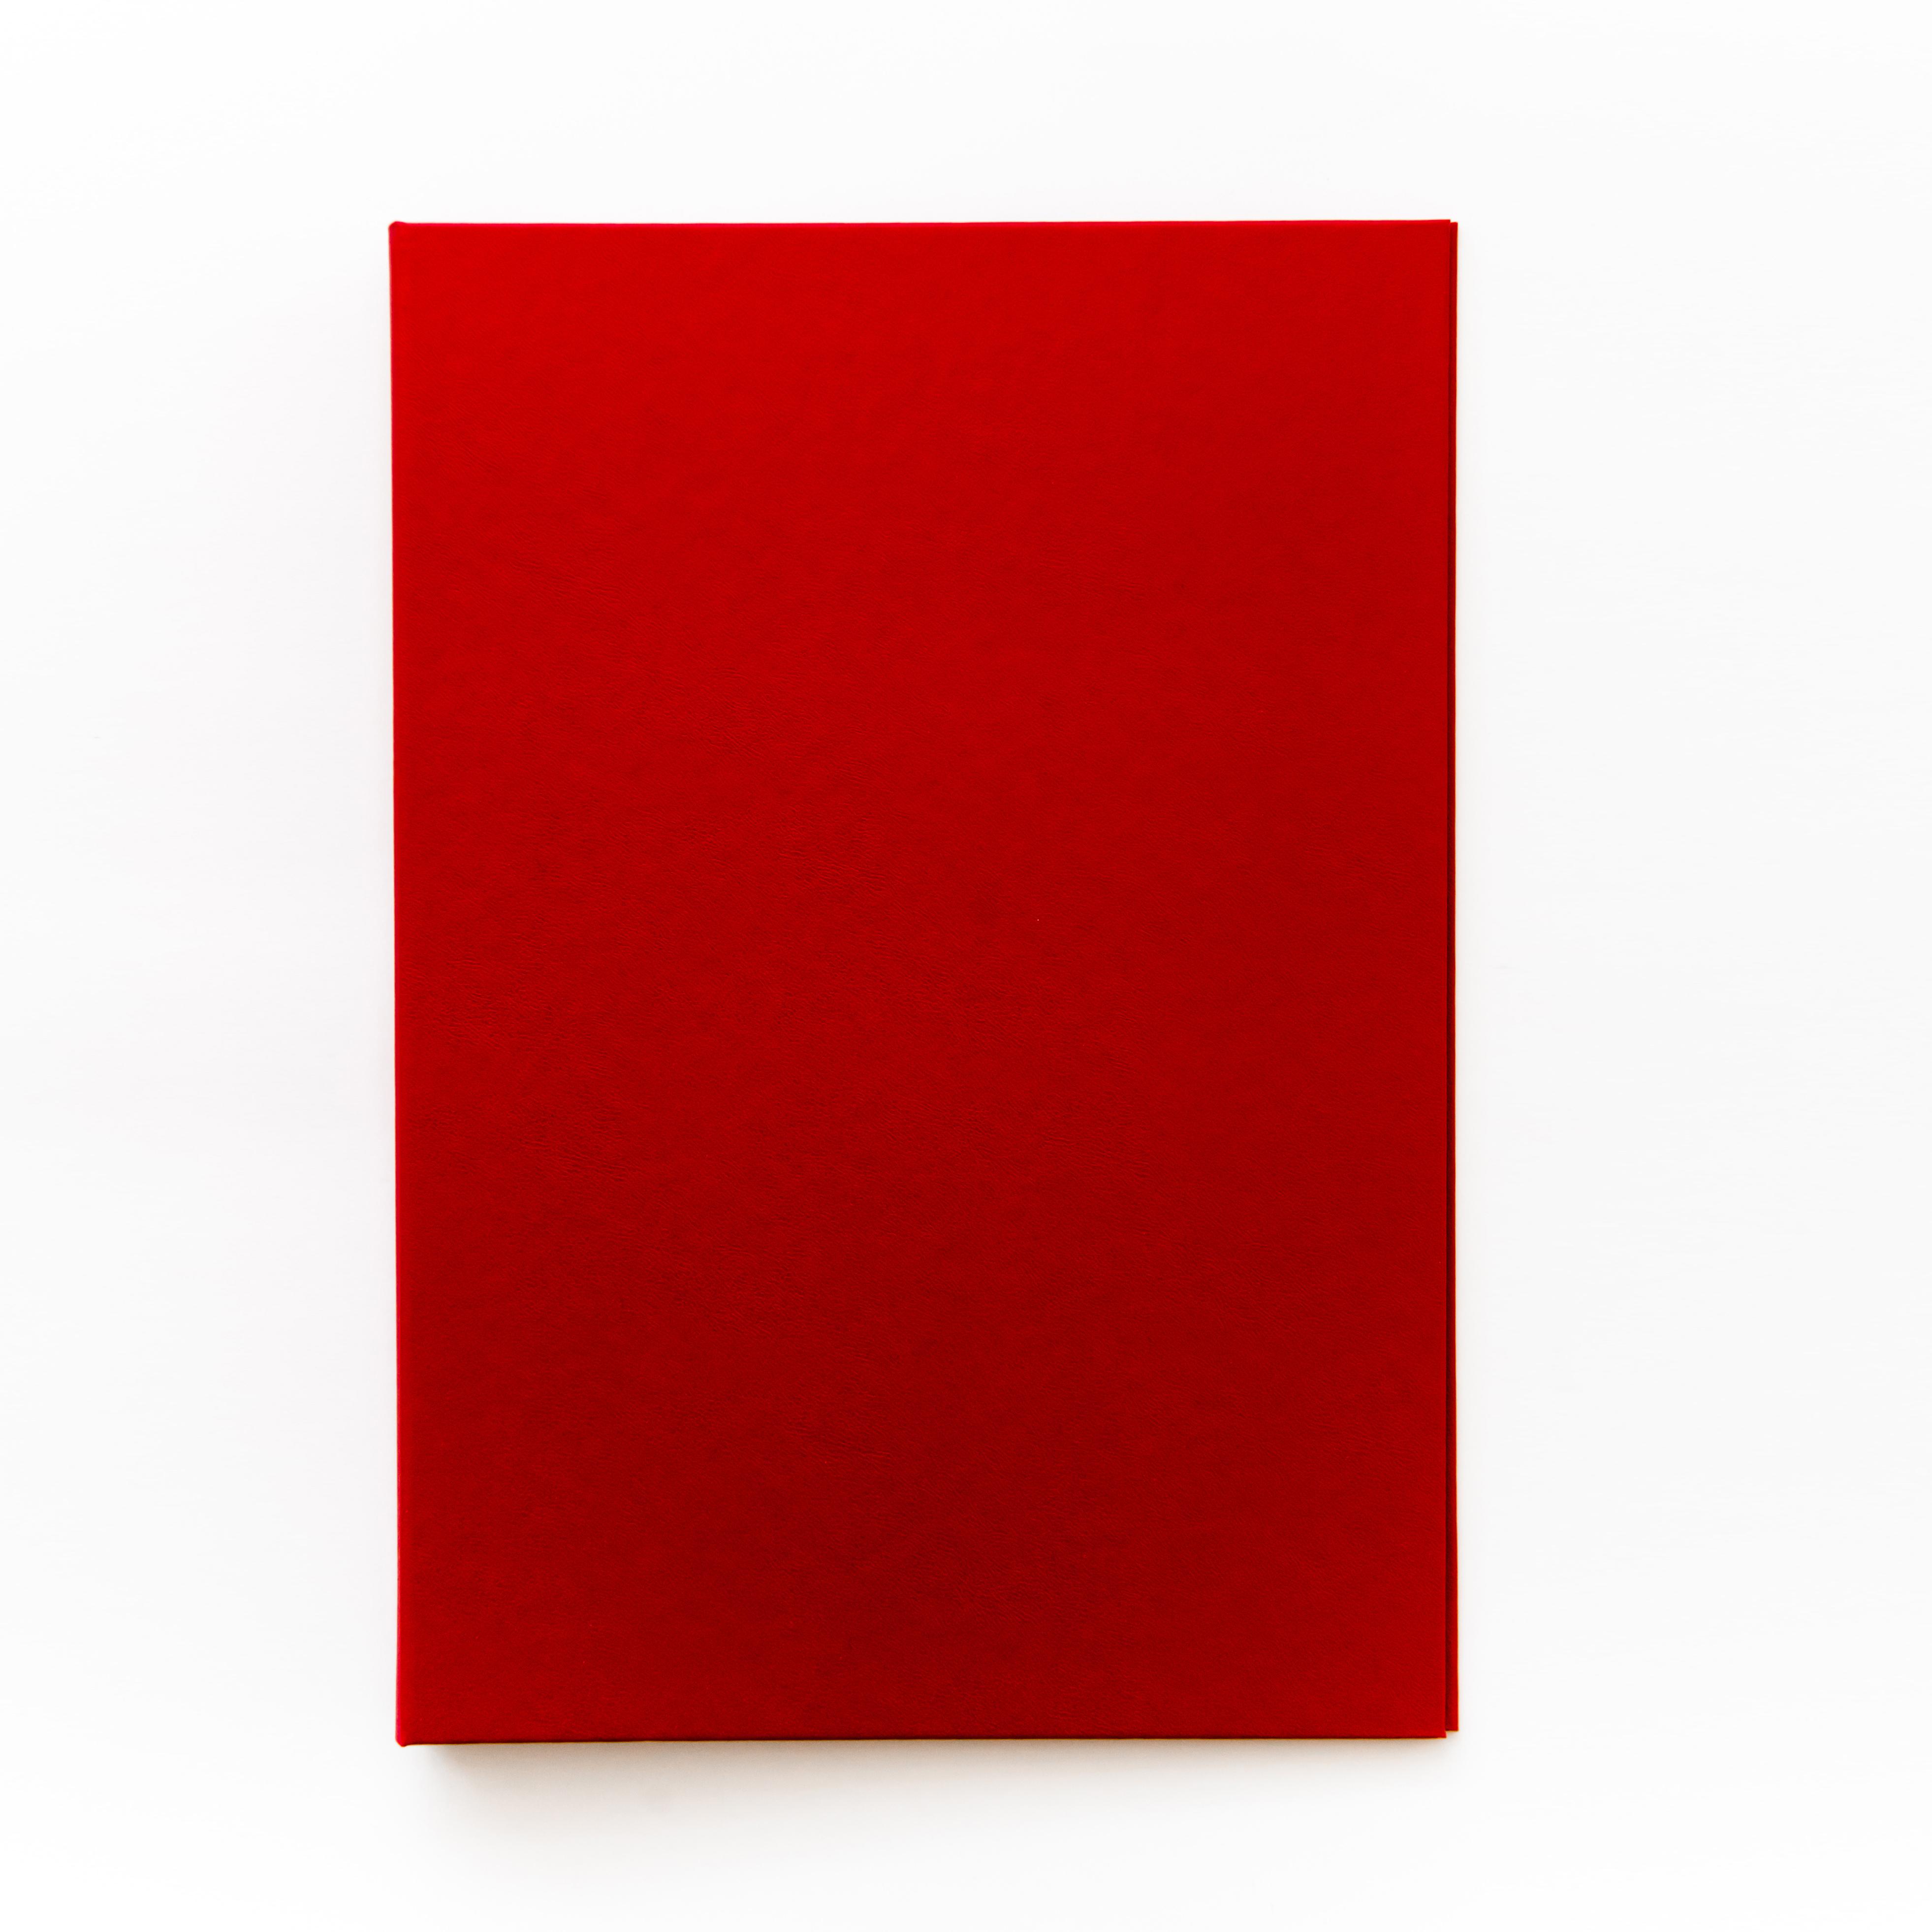 Папка дипломный проекта без надписи (красная)